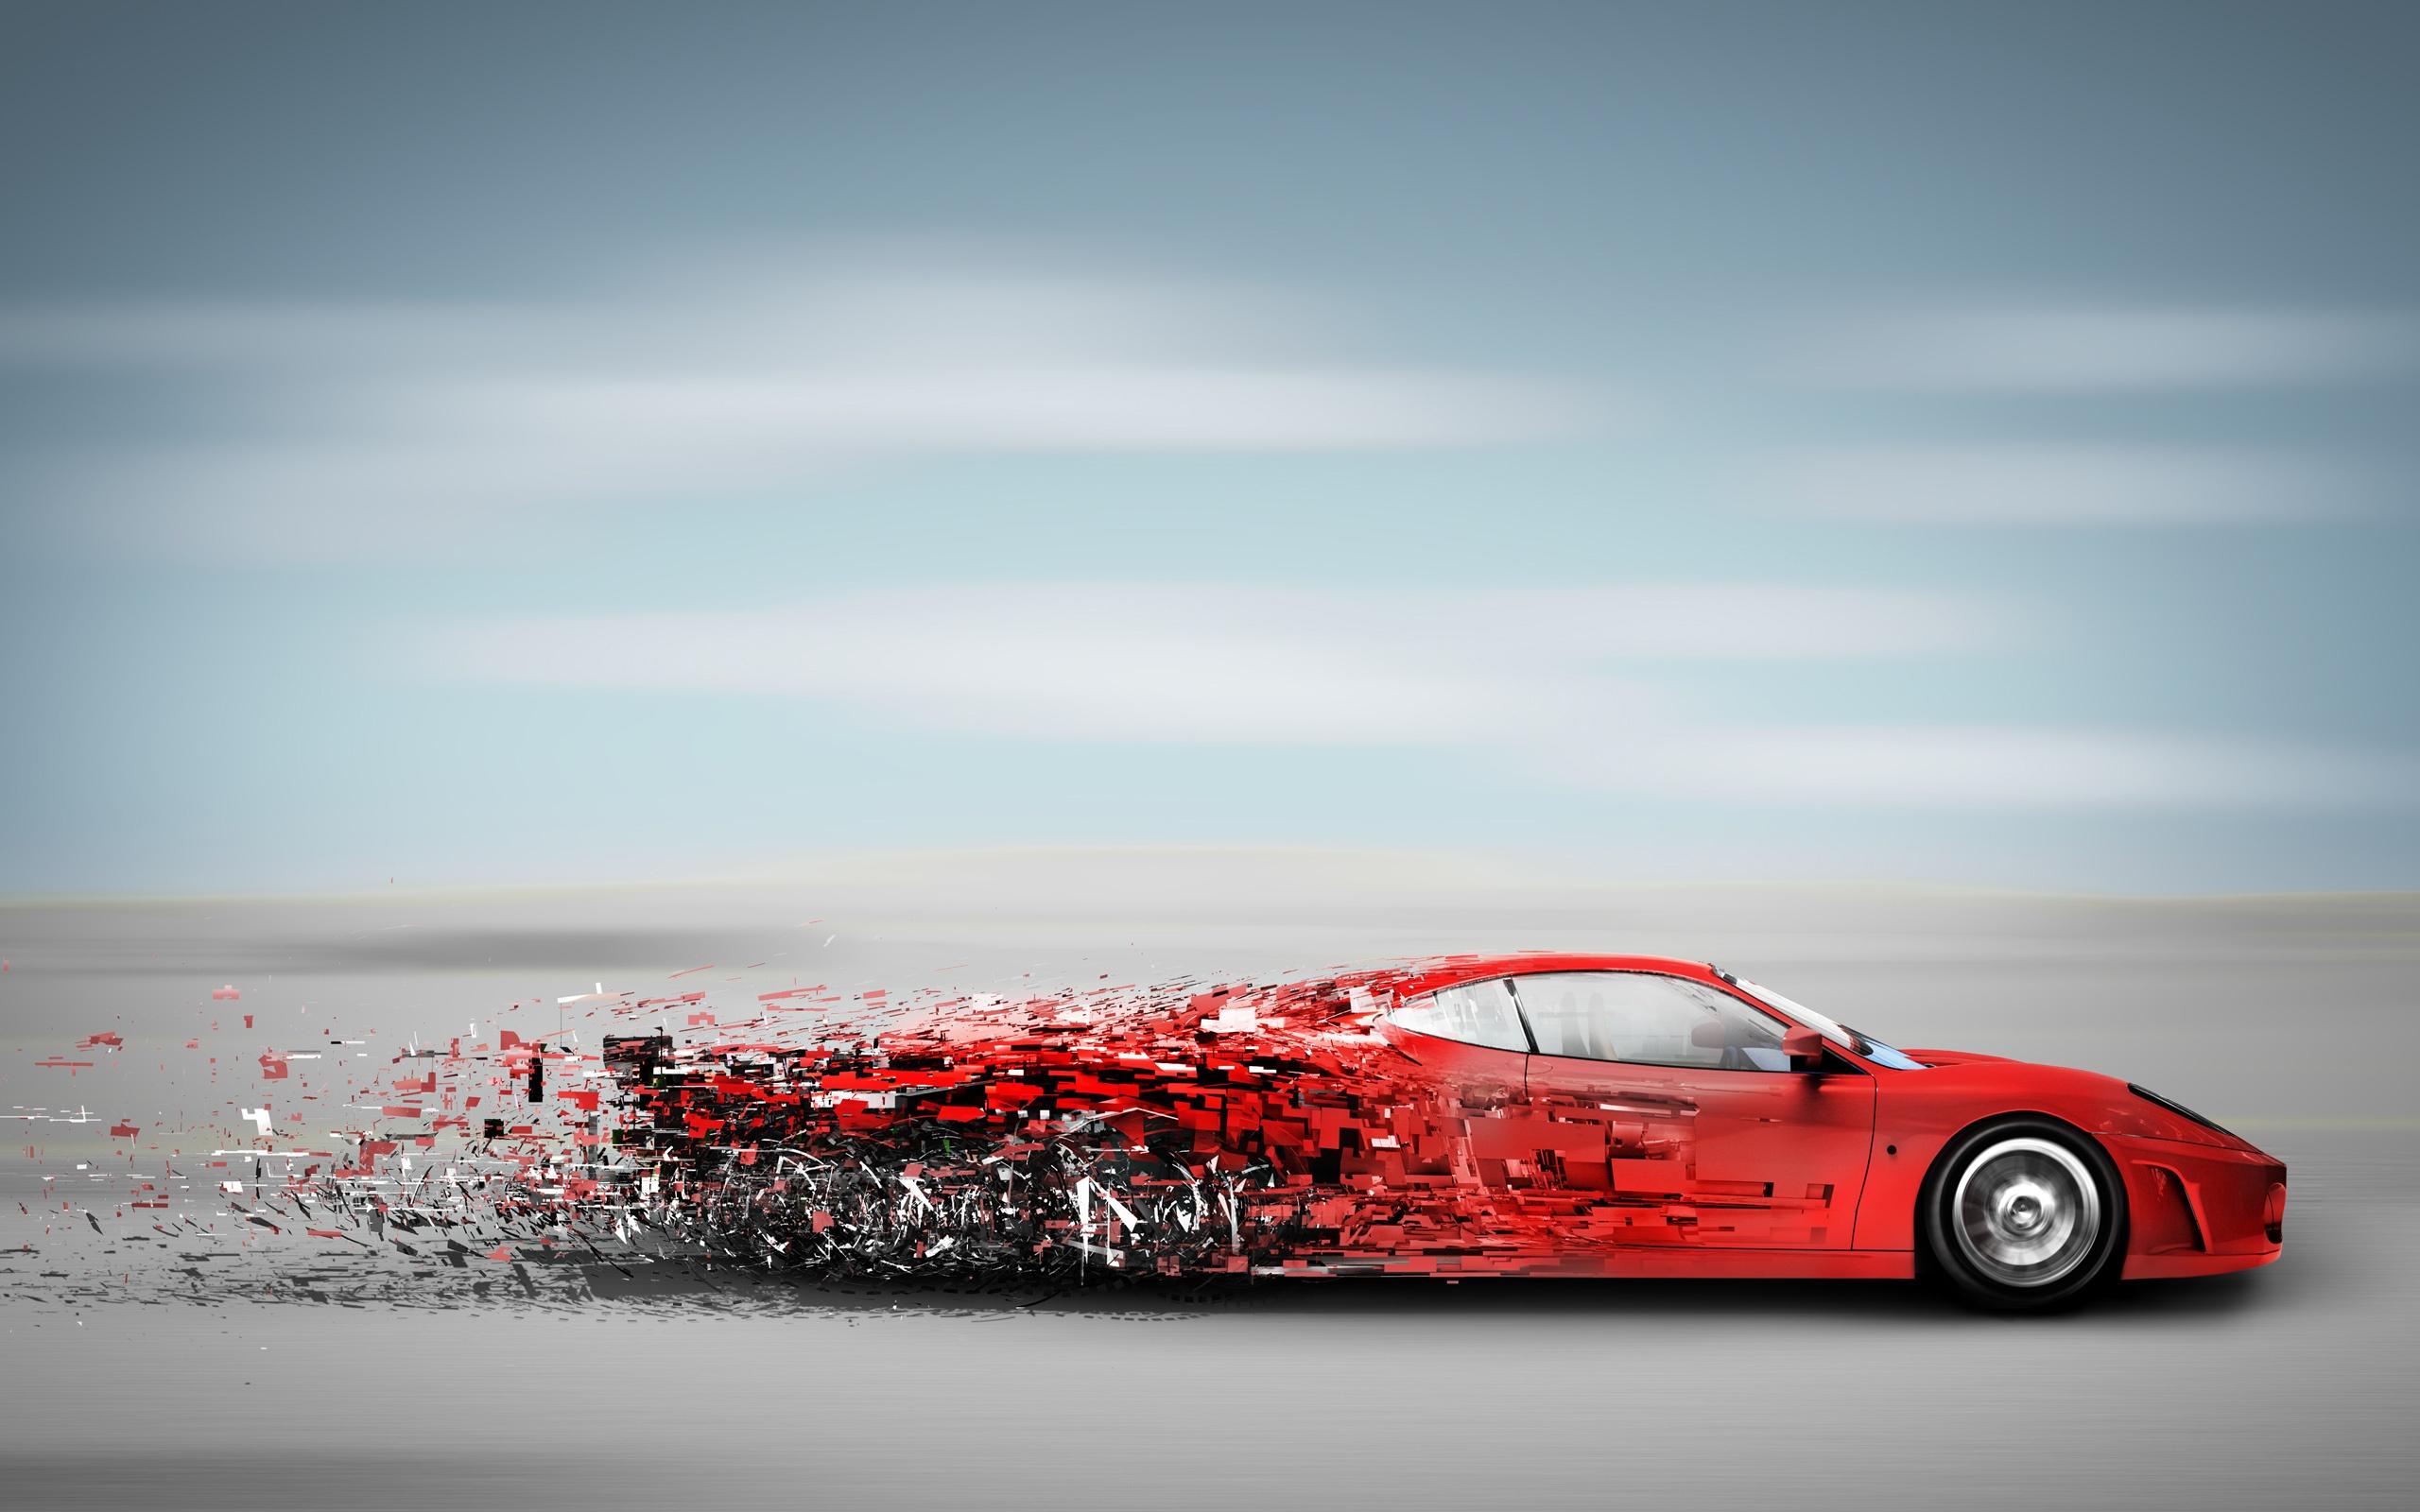 автомобиль красный спортивный без смс